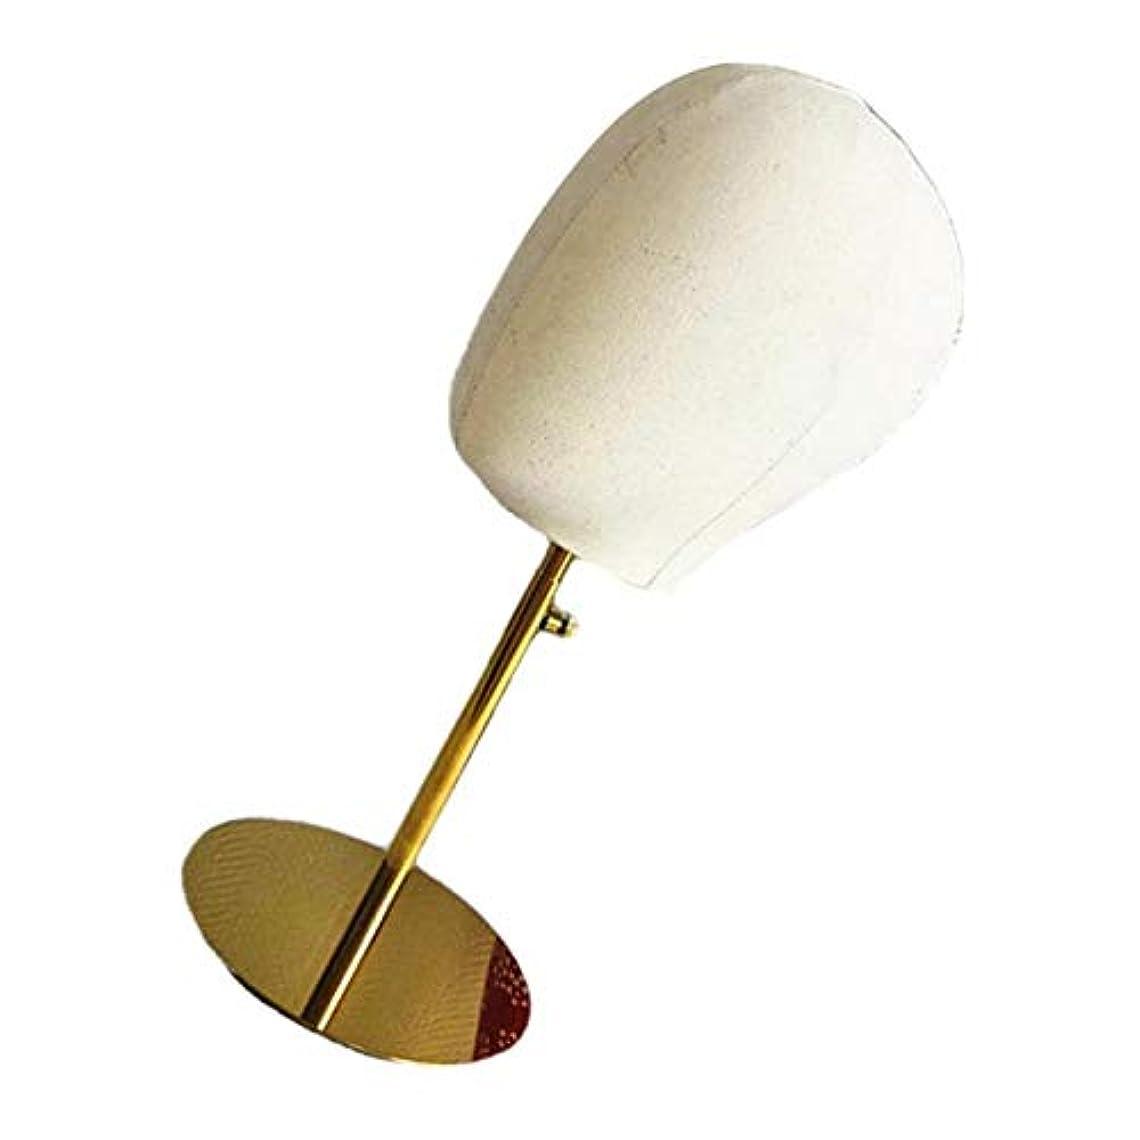 マーク行うさわやかSM SunniMix ウィッグ スタンド マネキンヘッド ヘッドモデル 調整可能な かつら 帽子 ディスプレイ 全2種 - 2